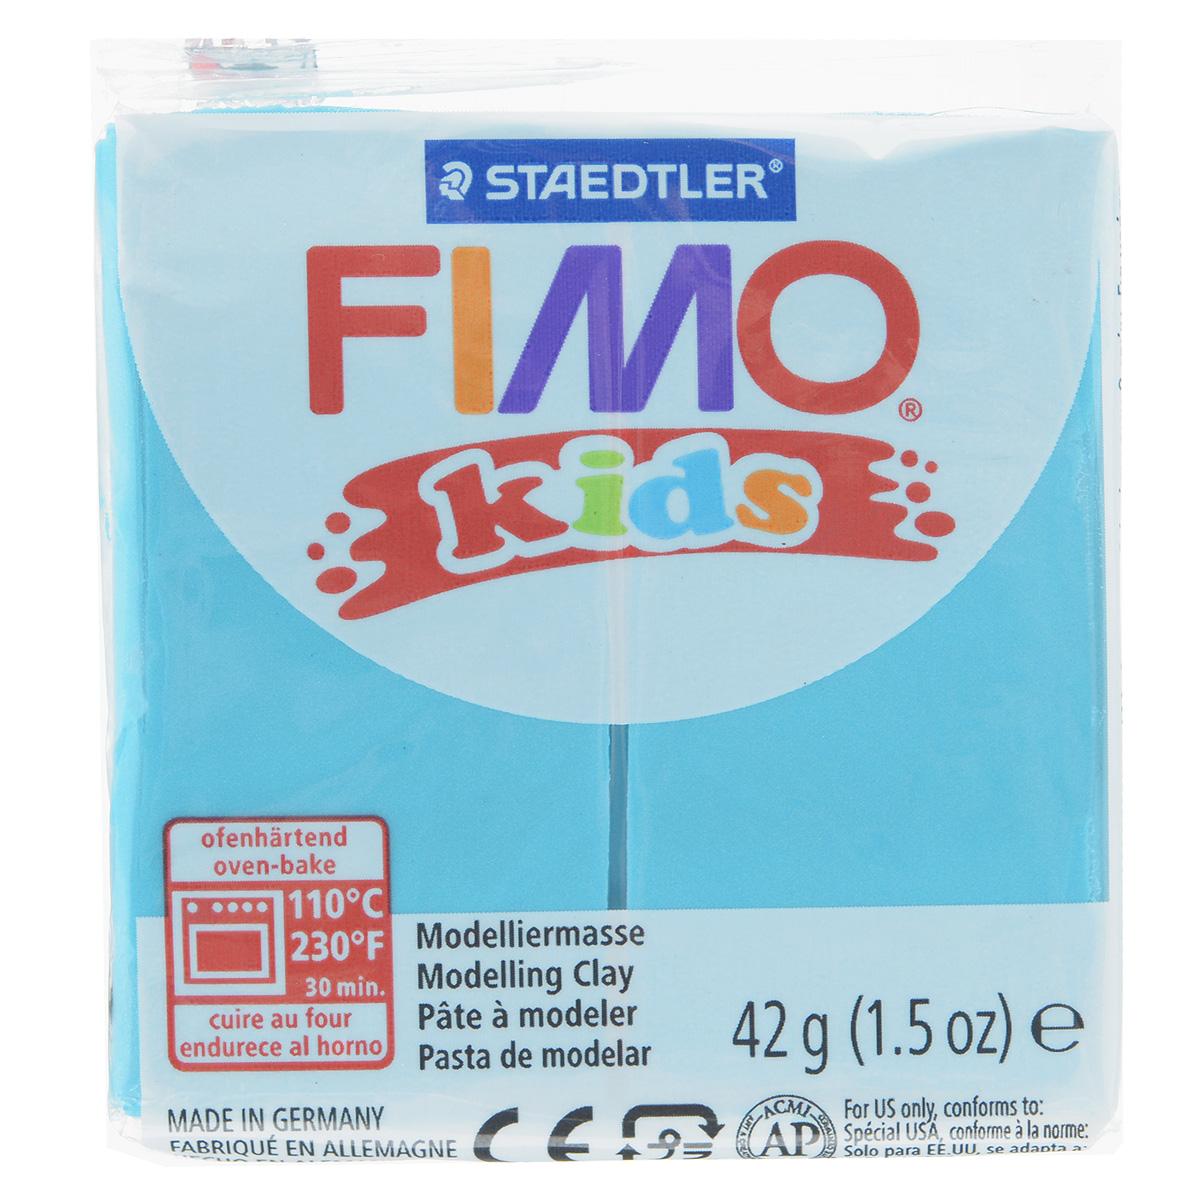 Полимерная глина для детей Fimo Kids, цвет: бирюзовый (39), 42 г8030-39Мягкая глина на полимерной основе (пластика) Fimo Kids идеально подходит для лепки небольших изделий (украшений, скульптурок, кукол) и для моделирования. Глина обладает отличными пластичными свойствами, хорошо размягчается и лепится, легко смешивается между собой, благодаря чему можно создать огромное количество поделок любых цветов и оттенков, не имеет запаха. Идеально подходит для работы с детьми. Блок разделен на 2 сегмента, что позволяет легче разделять глину на порции. В домашних условиях готовая поделка выпекается в духовом шкафу при температуре 110°С в течении 15-30 минут (в зависимости от величины изделия). Отвердевшие изделия могут быть раскрашены акриловыми красками, покрыты лаком, склеены друг с другом или с другими материалами.